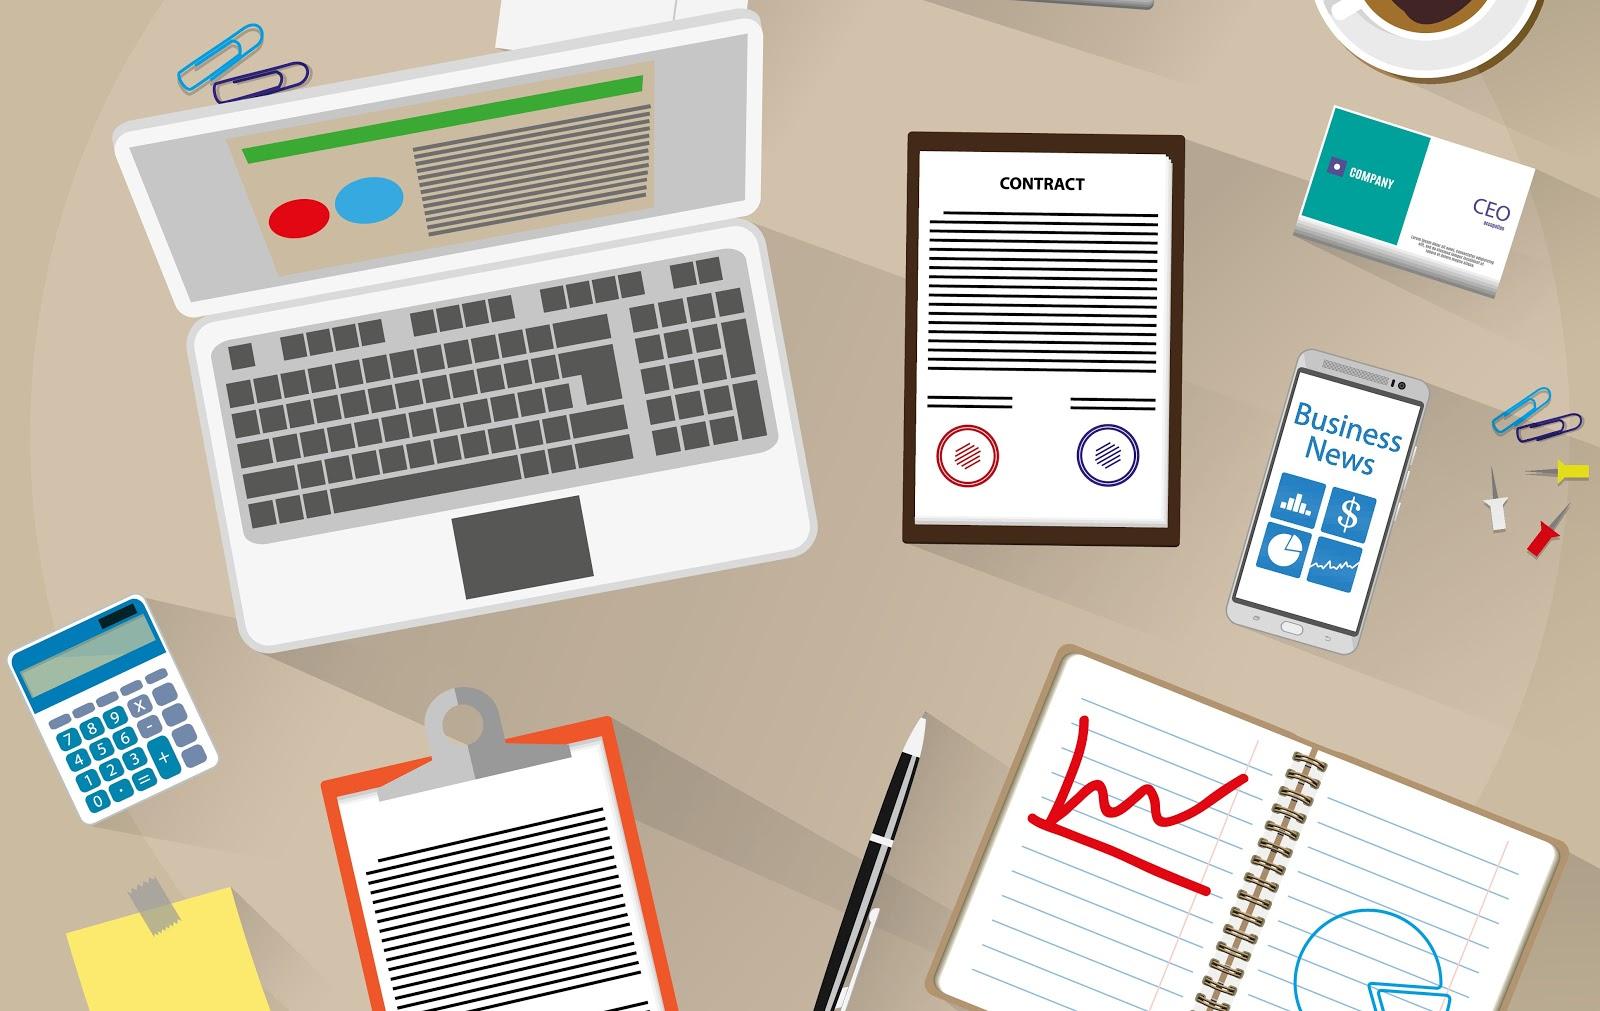 computer-iPad-other-tools